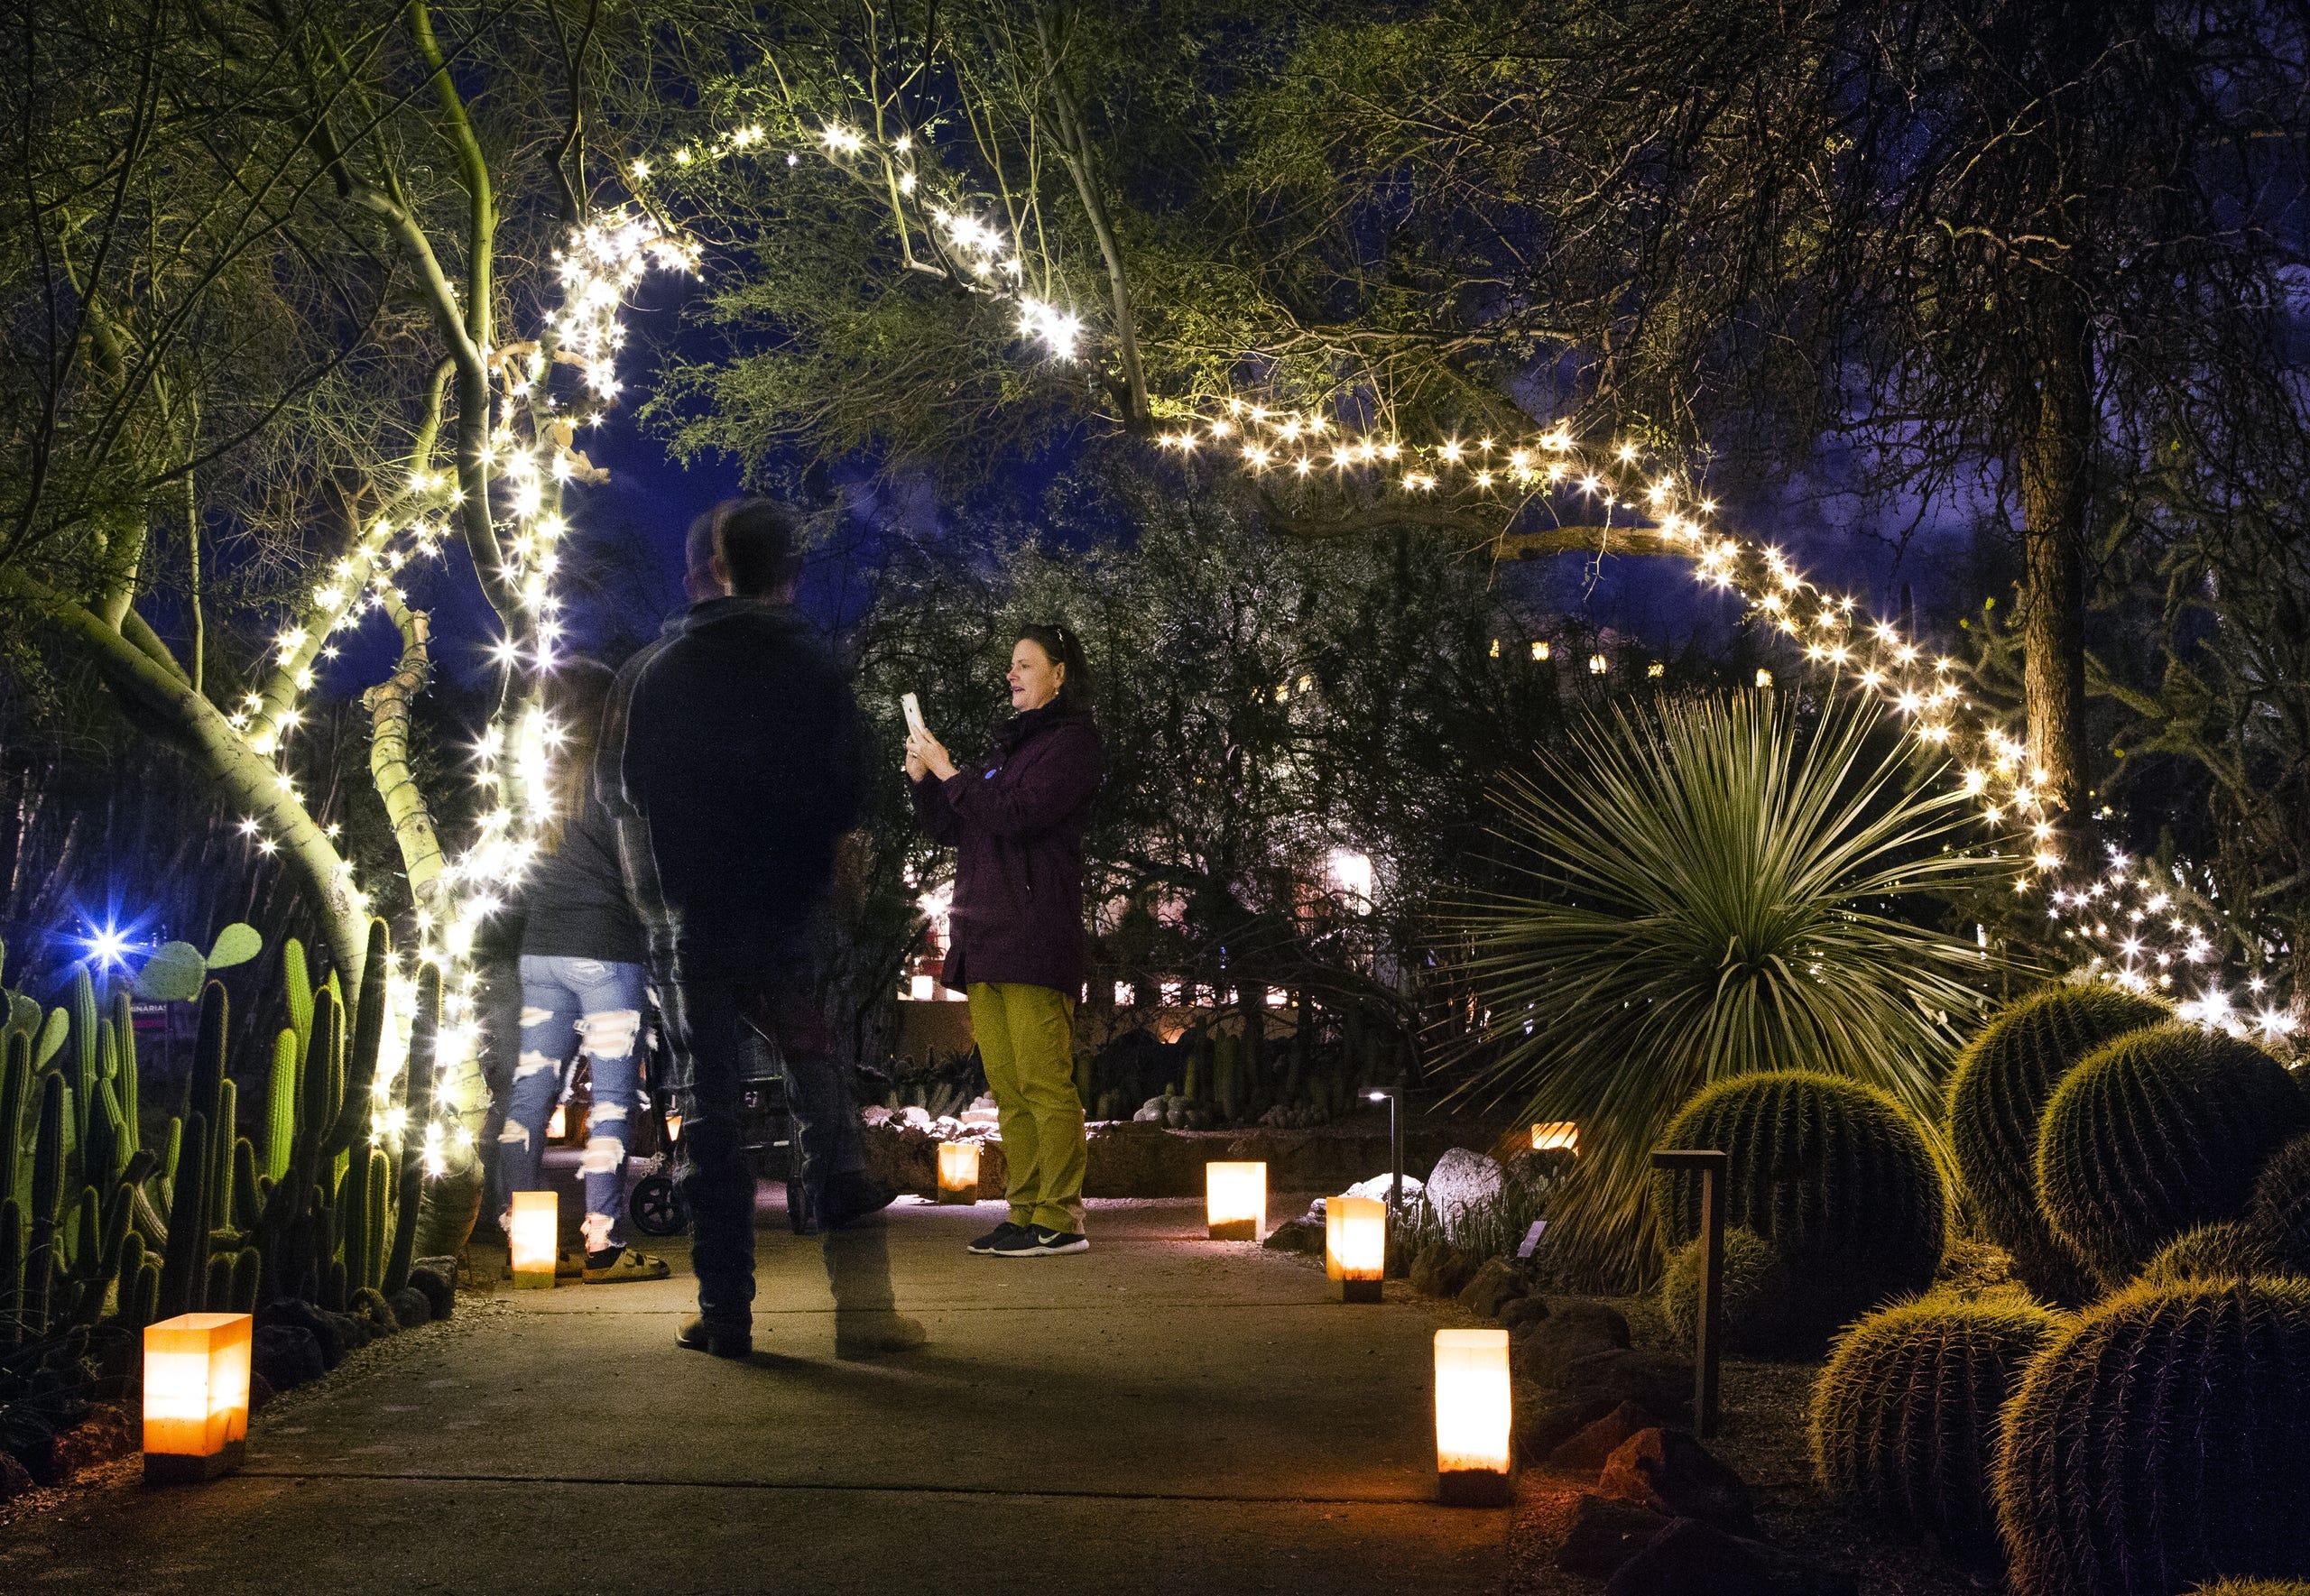 Las Noches De Las Luminarias 2019 In Photos At Desert Botanical Garden